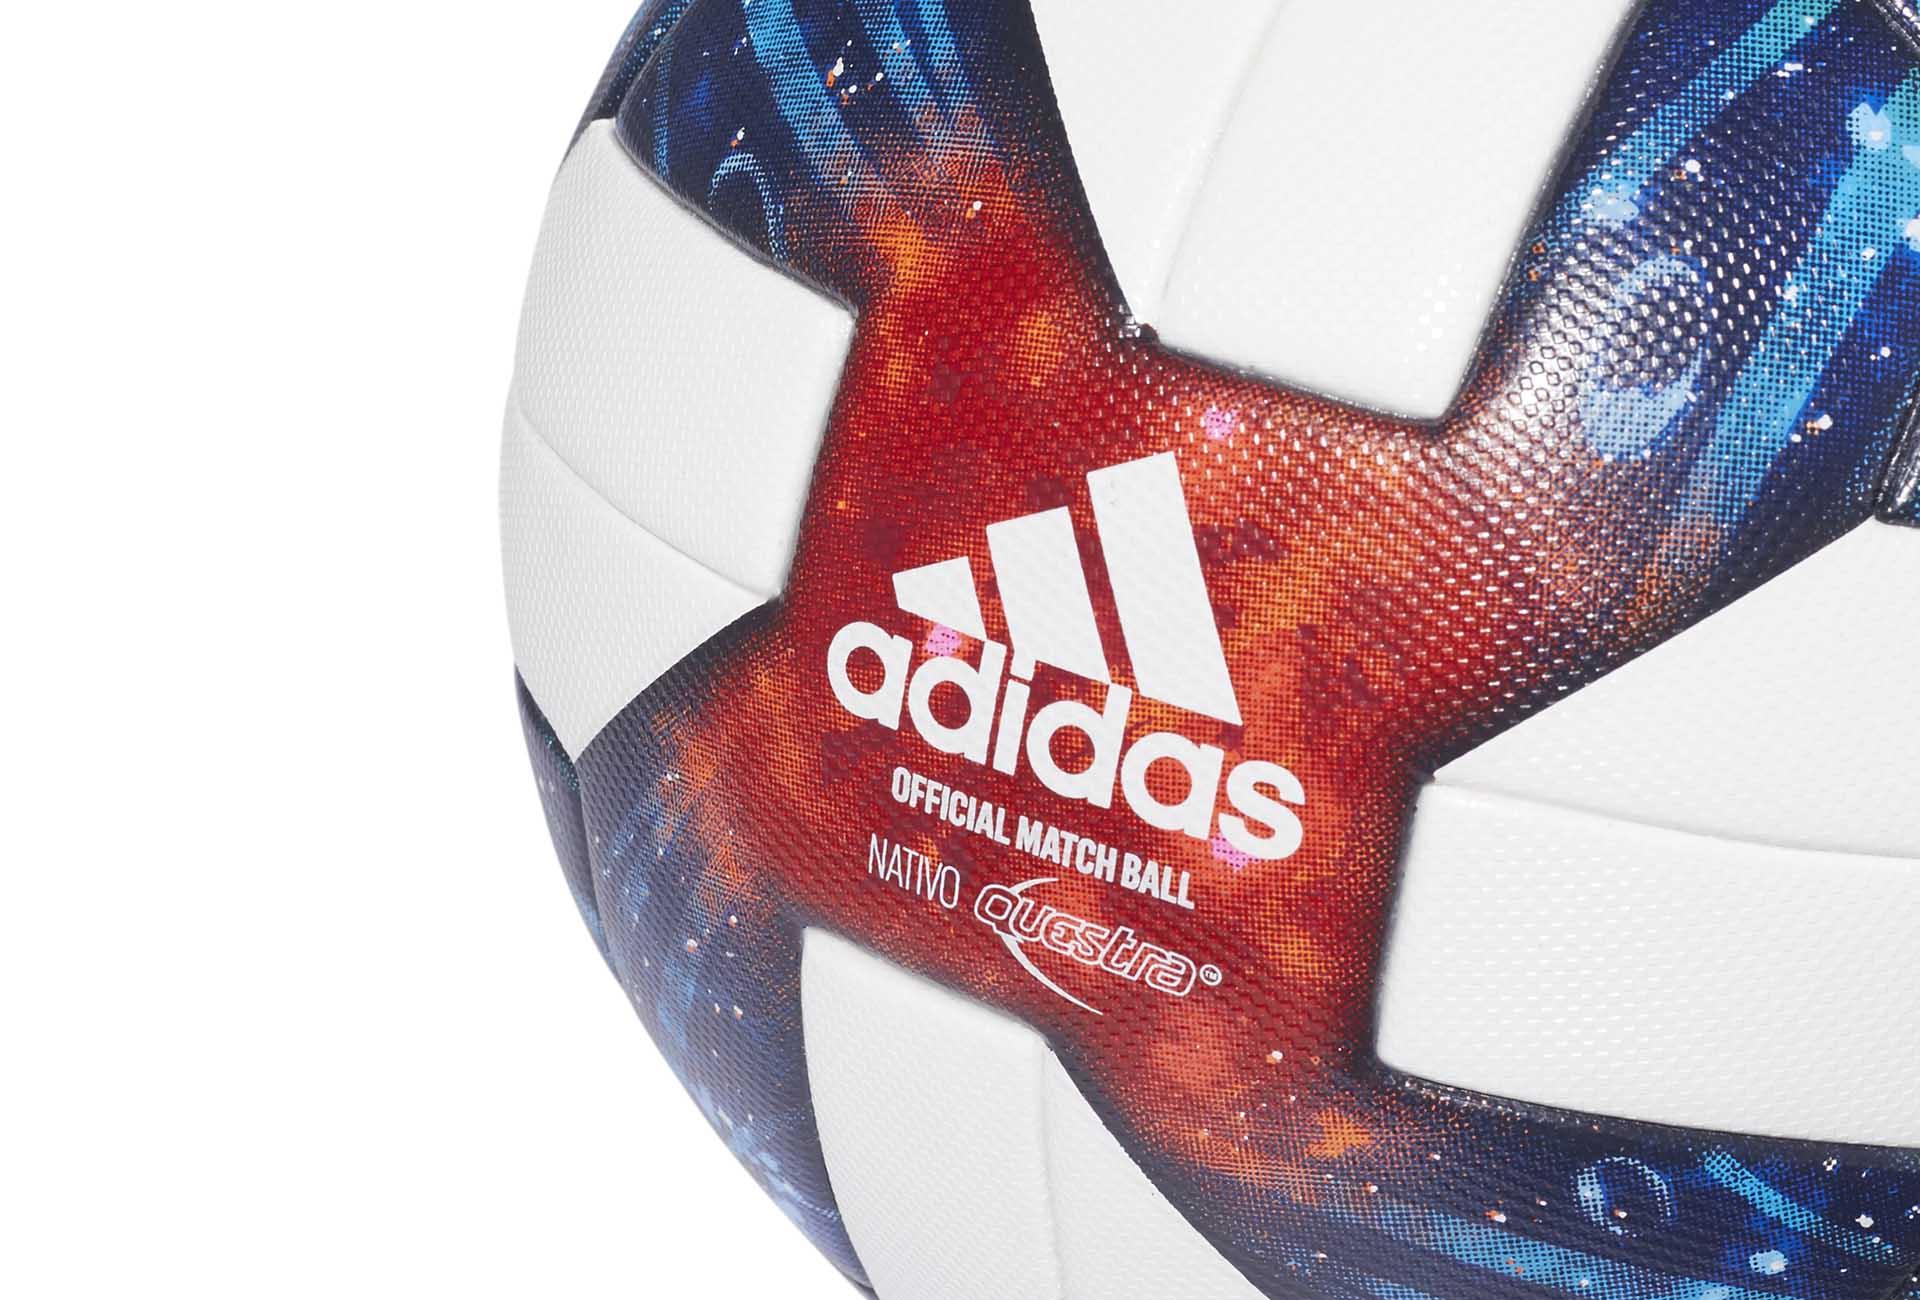 adidas Drop 2019 MLS Official Match Ball SoccerBible